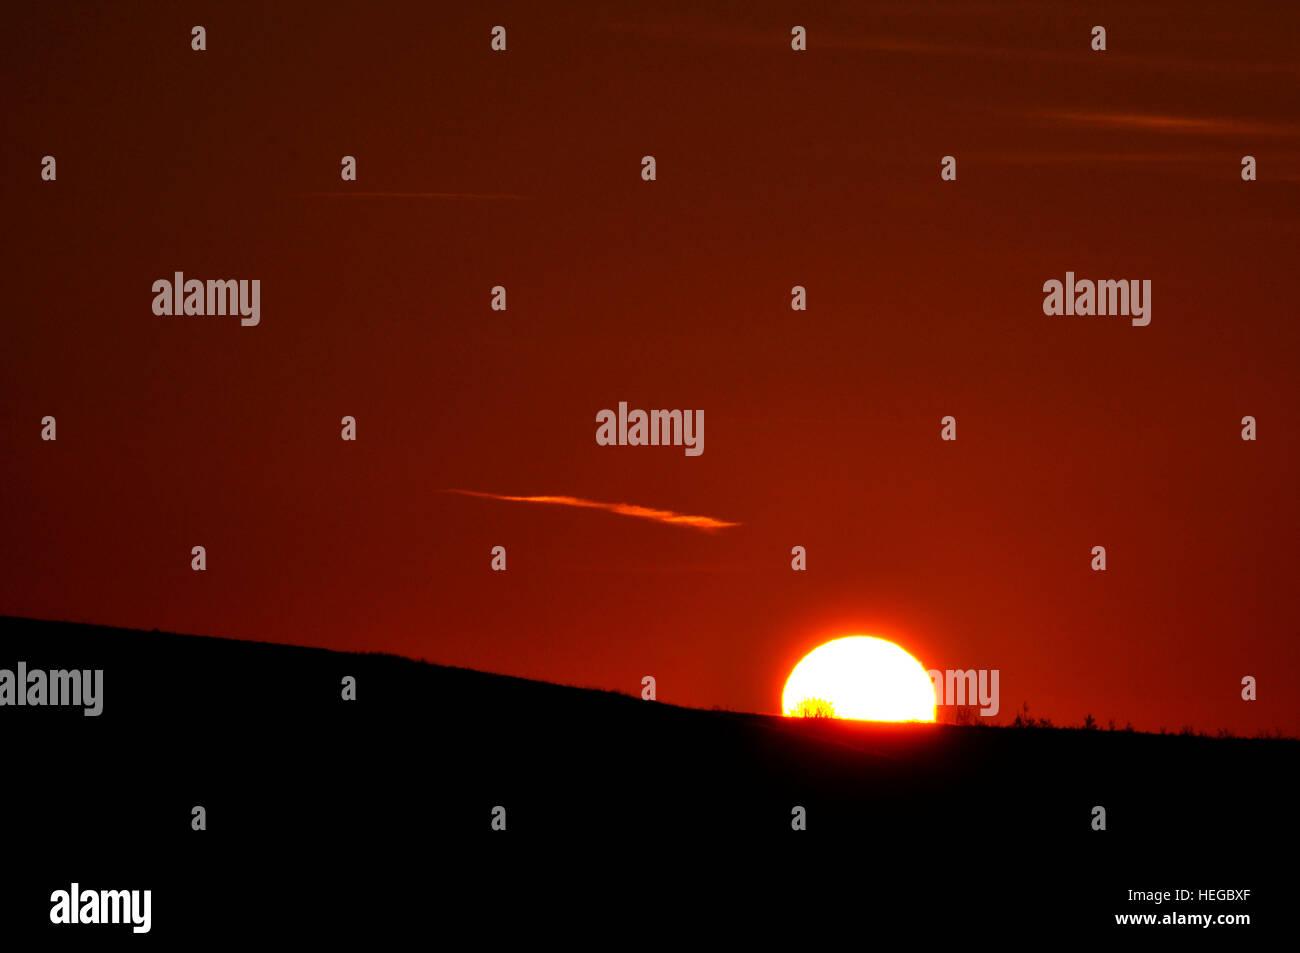 Sunset sinking below the horizon - Stock Image